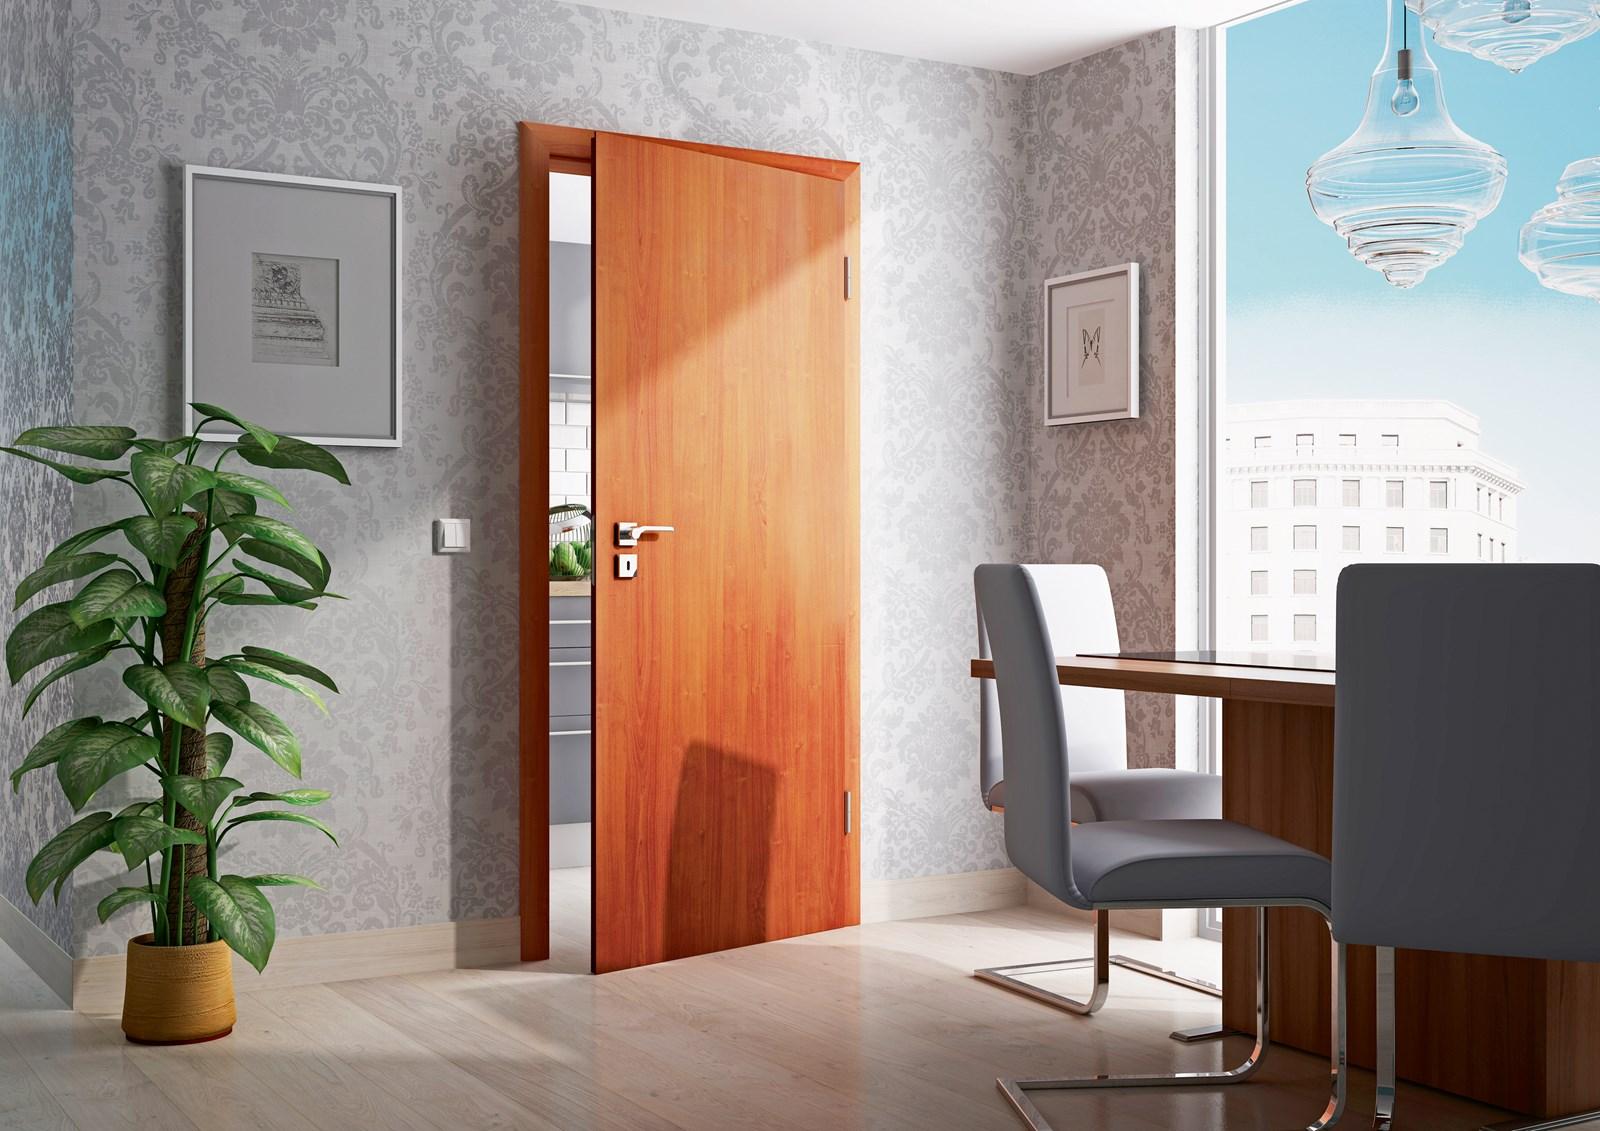 die zimmert r ist der schl ssel f r jede individuelle raumgestaltung portas renovierung. Black Bedroom Furniture Sets. Home Design Ideas